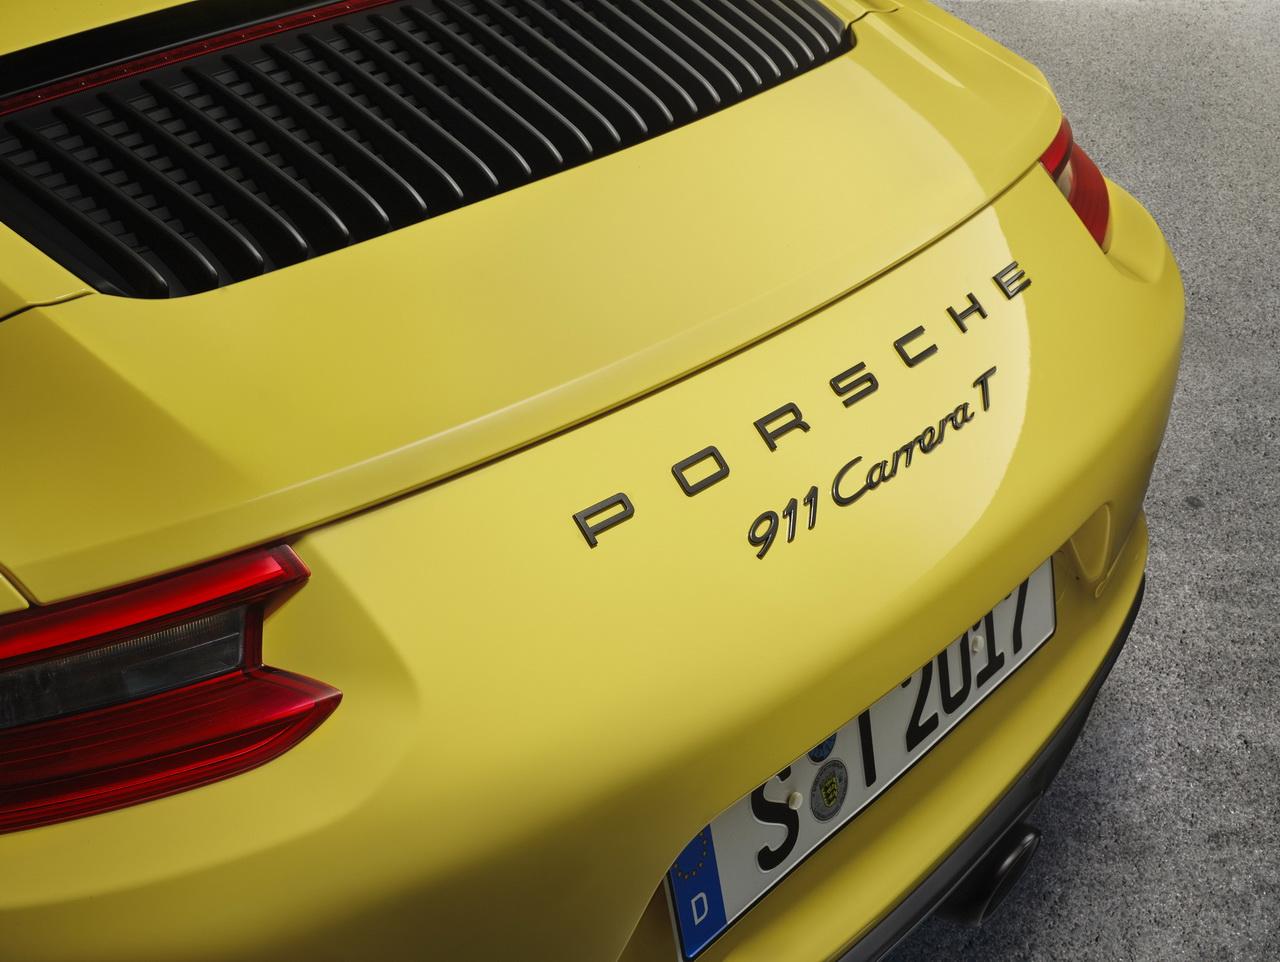 porsche 911 carrera t l 39 authenticit au prix fort photo 5 l 39 argus. Black Bedroom Furniture Sets. Home Design Ideas